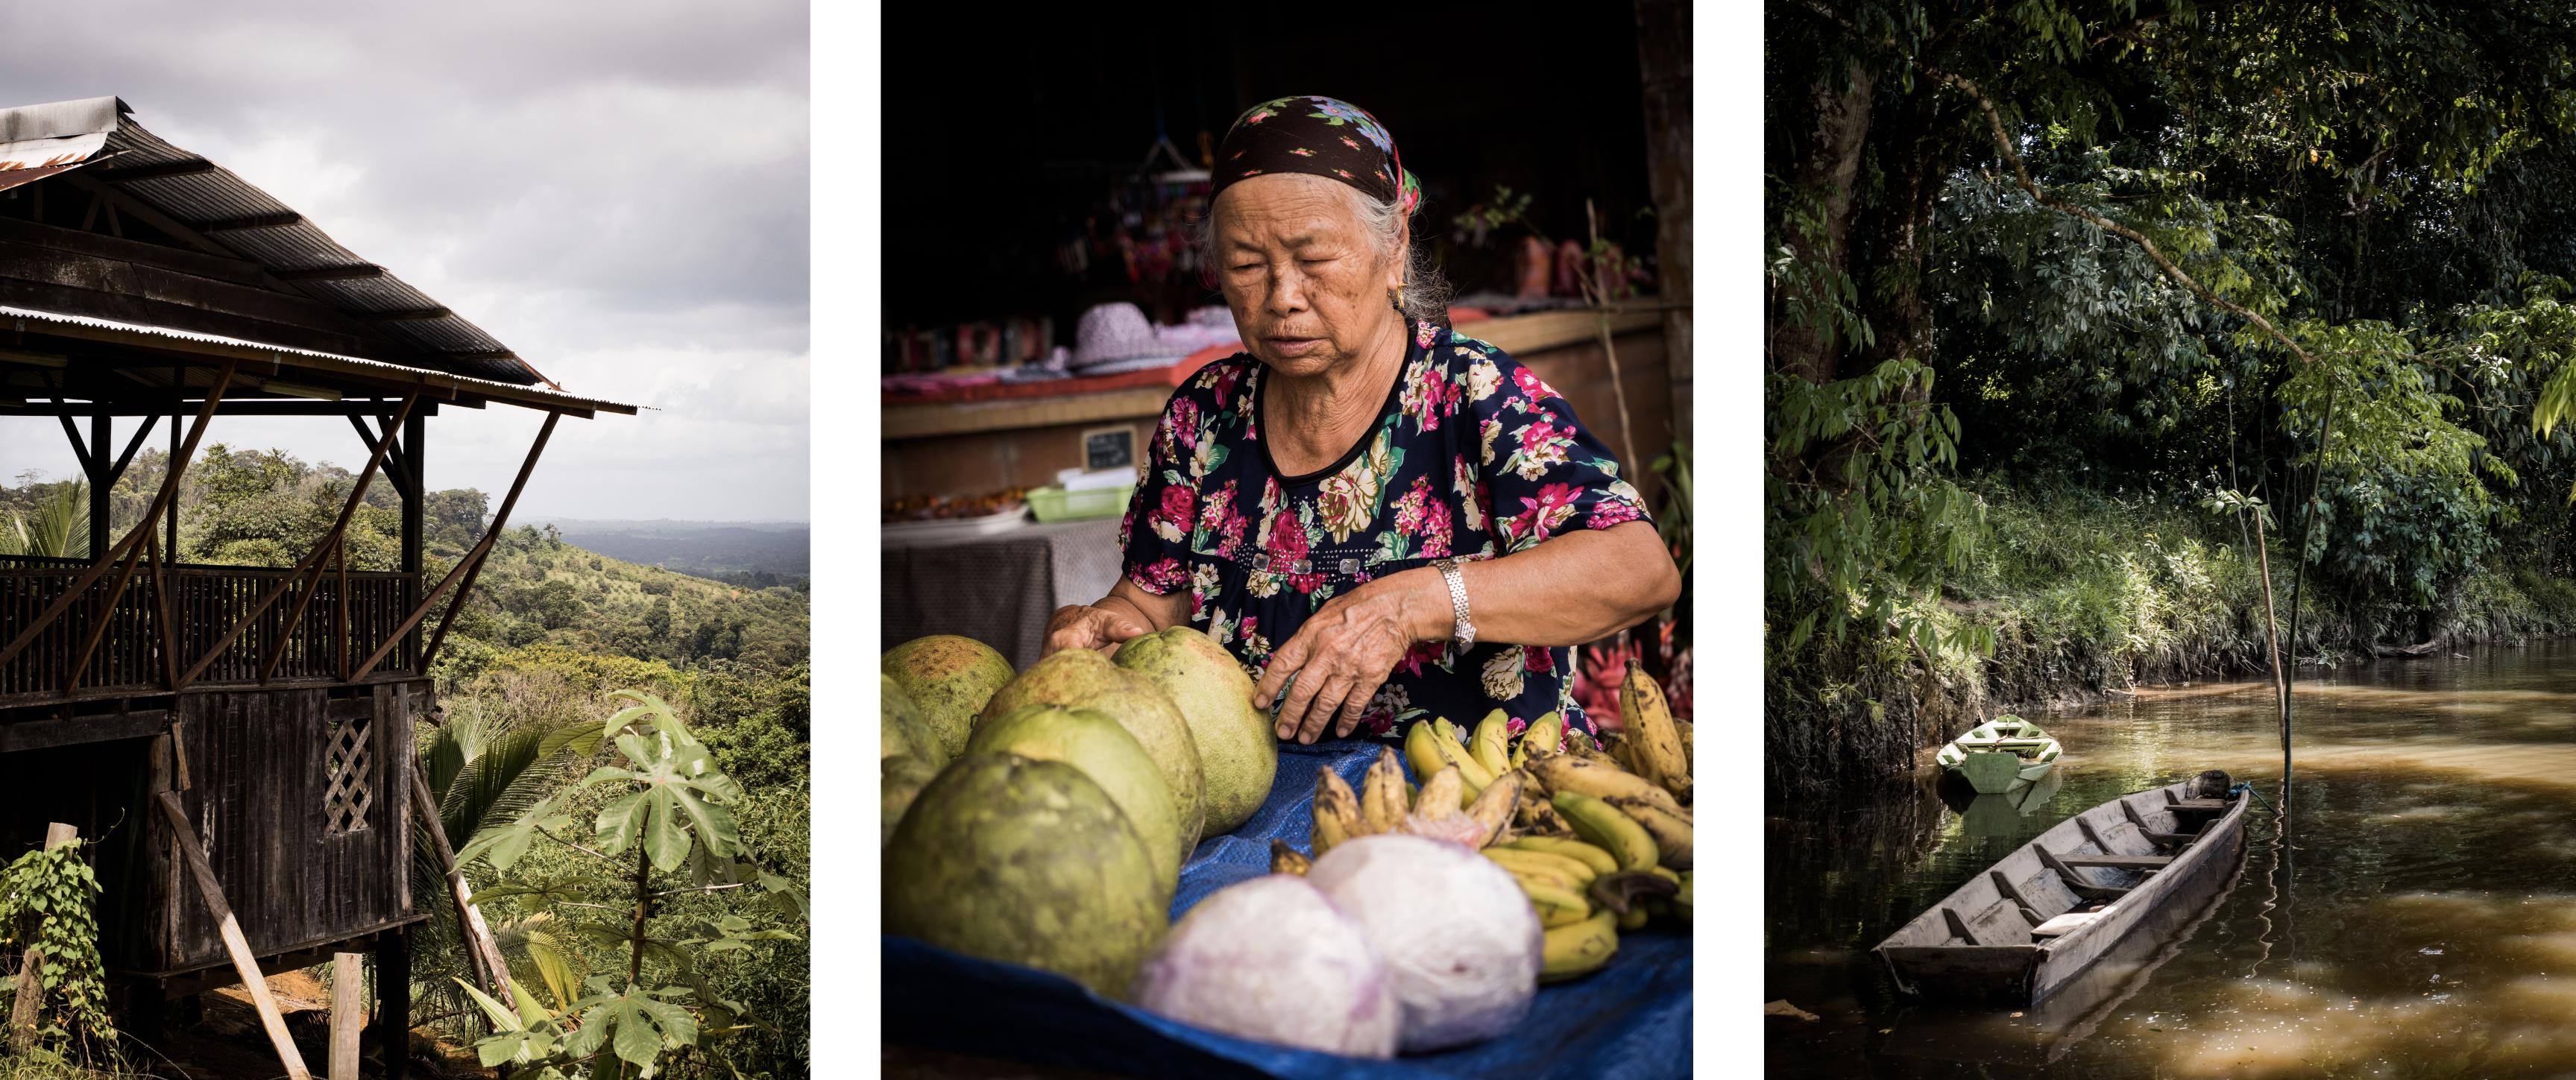 que voir en Guyane - village Hmong en Guyane - que faire à cacao - marché Hmong à cacao